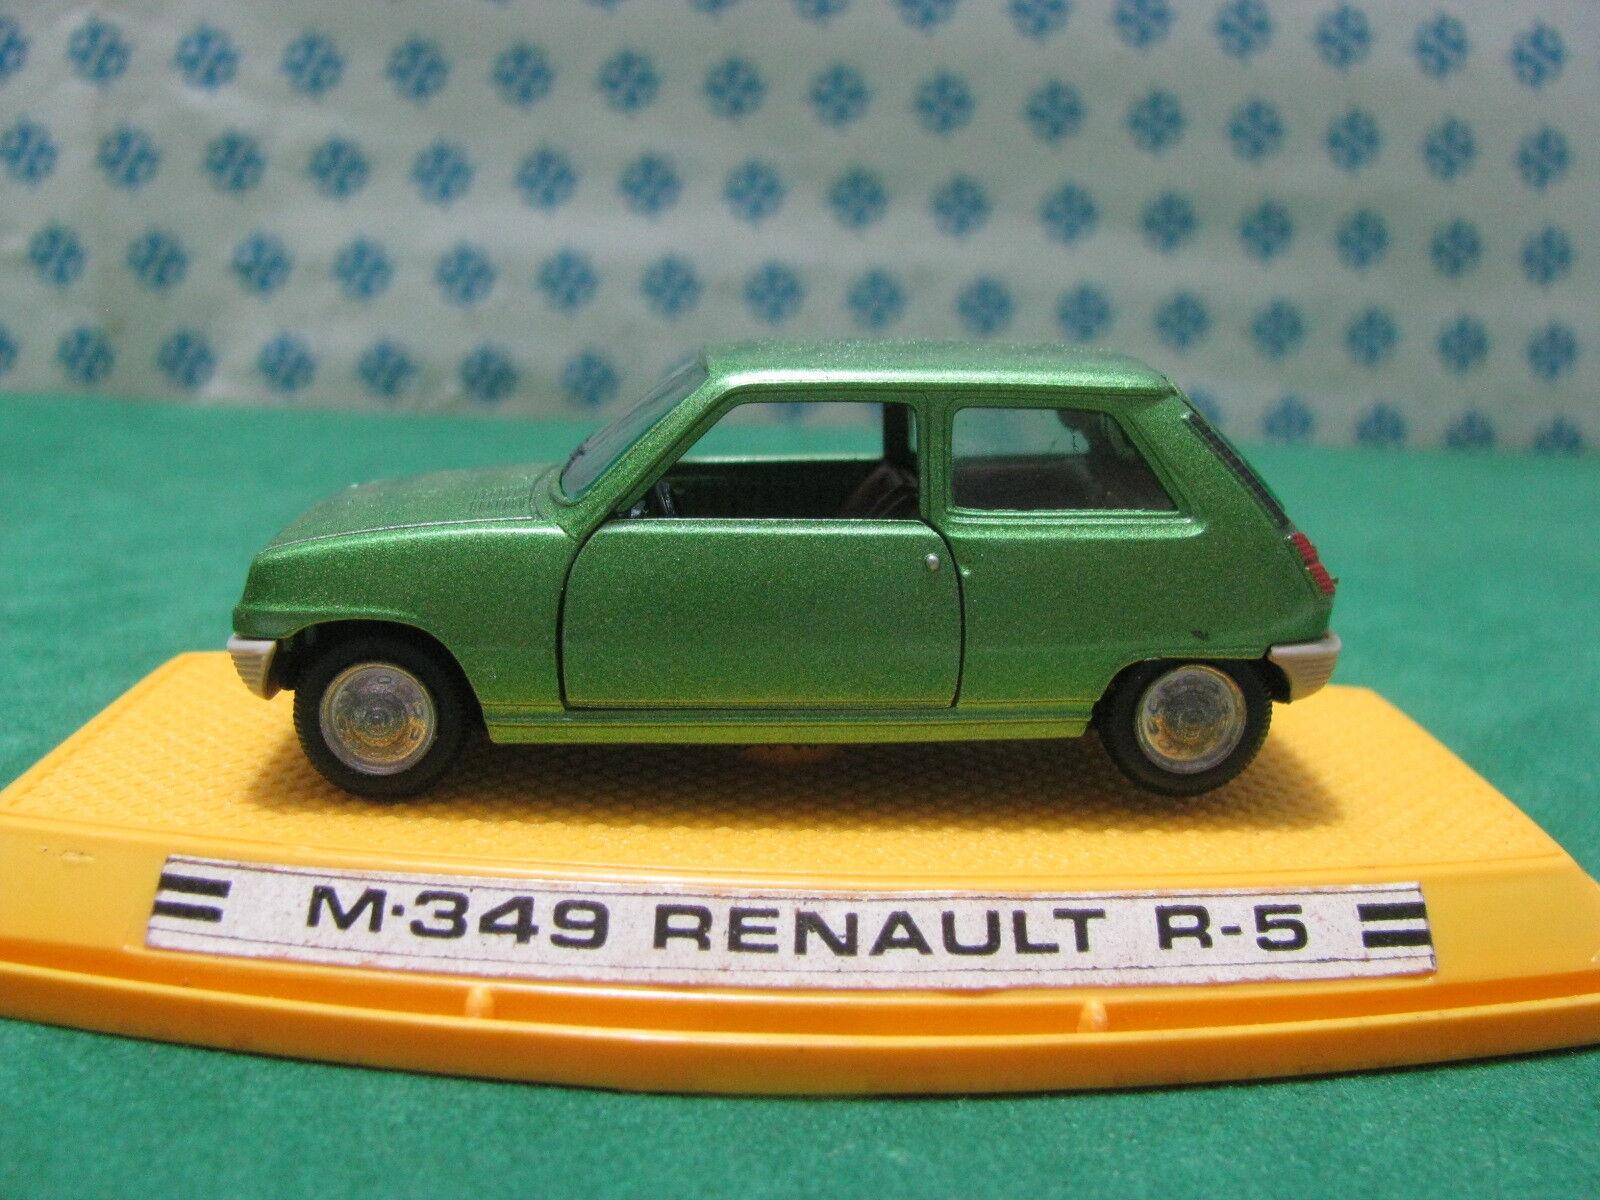 Vintage - RENAULT R5 - 1 43 Auto-Pilen M-349